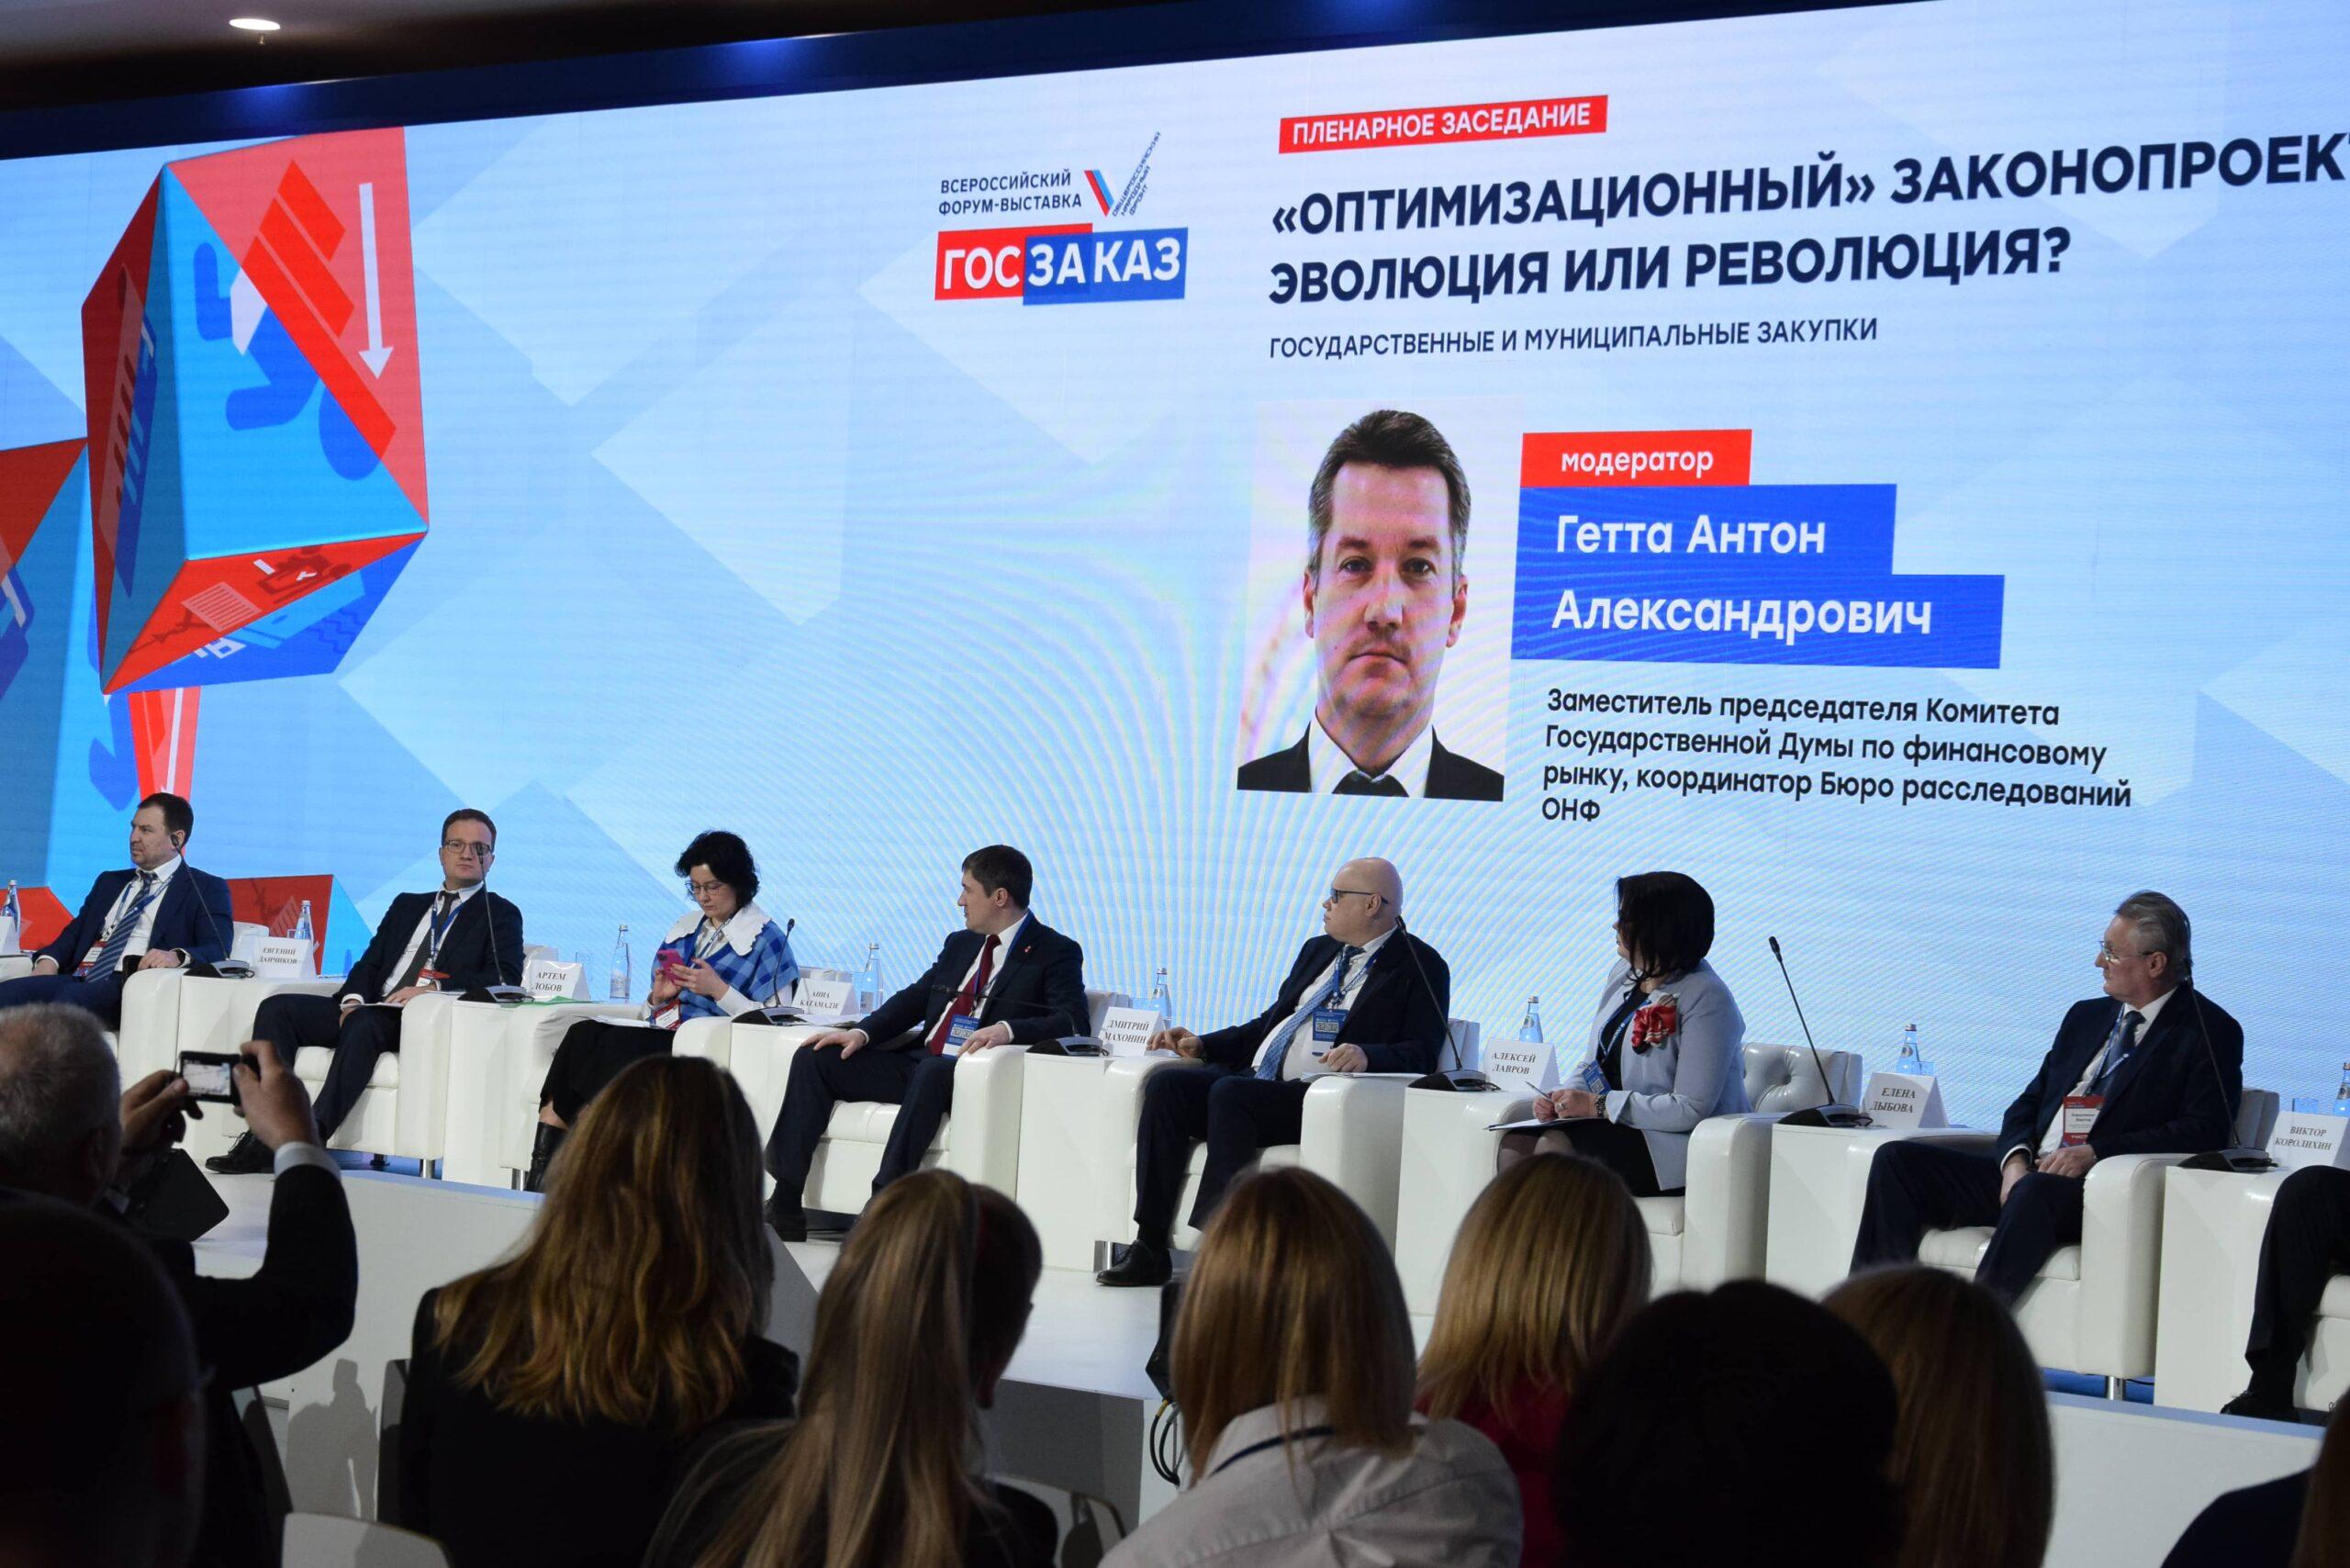 Благодарственное письмо от депутата Государственной Думы пришло на имя генерального директора ООО «ВАЗ «Импульс»